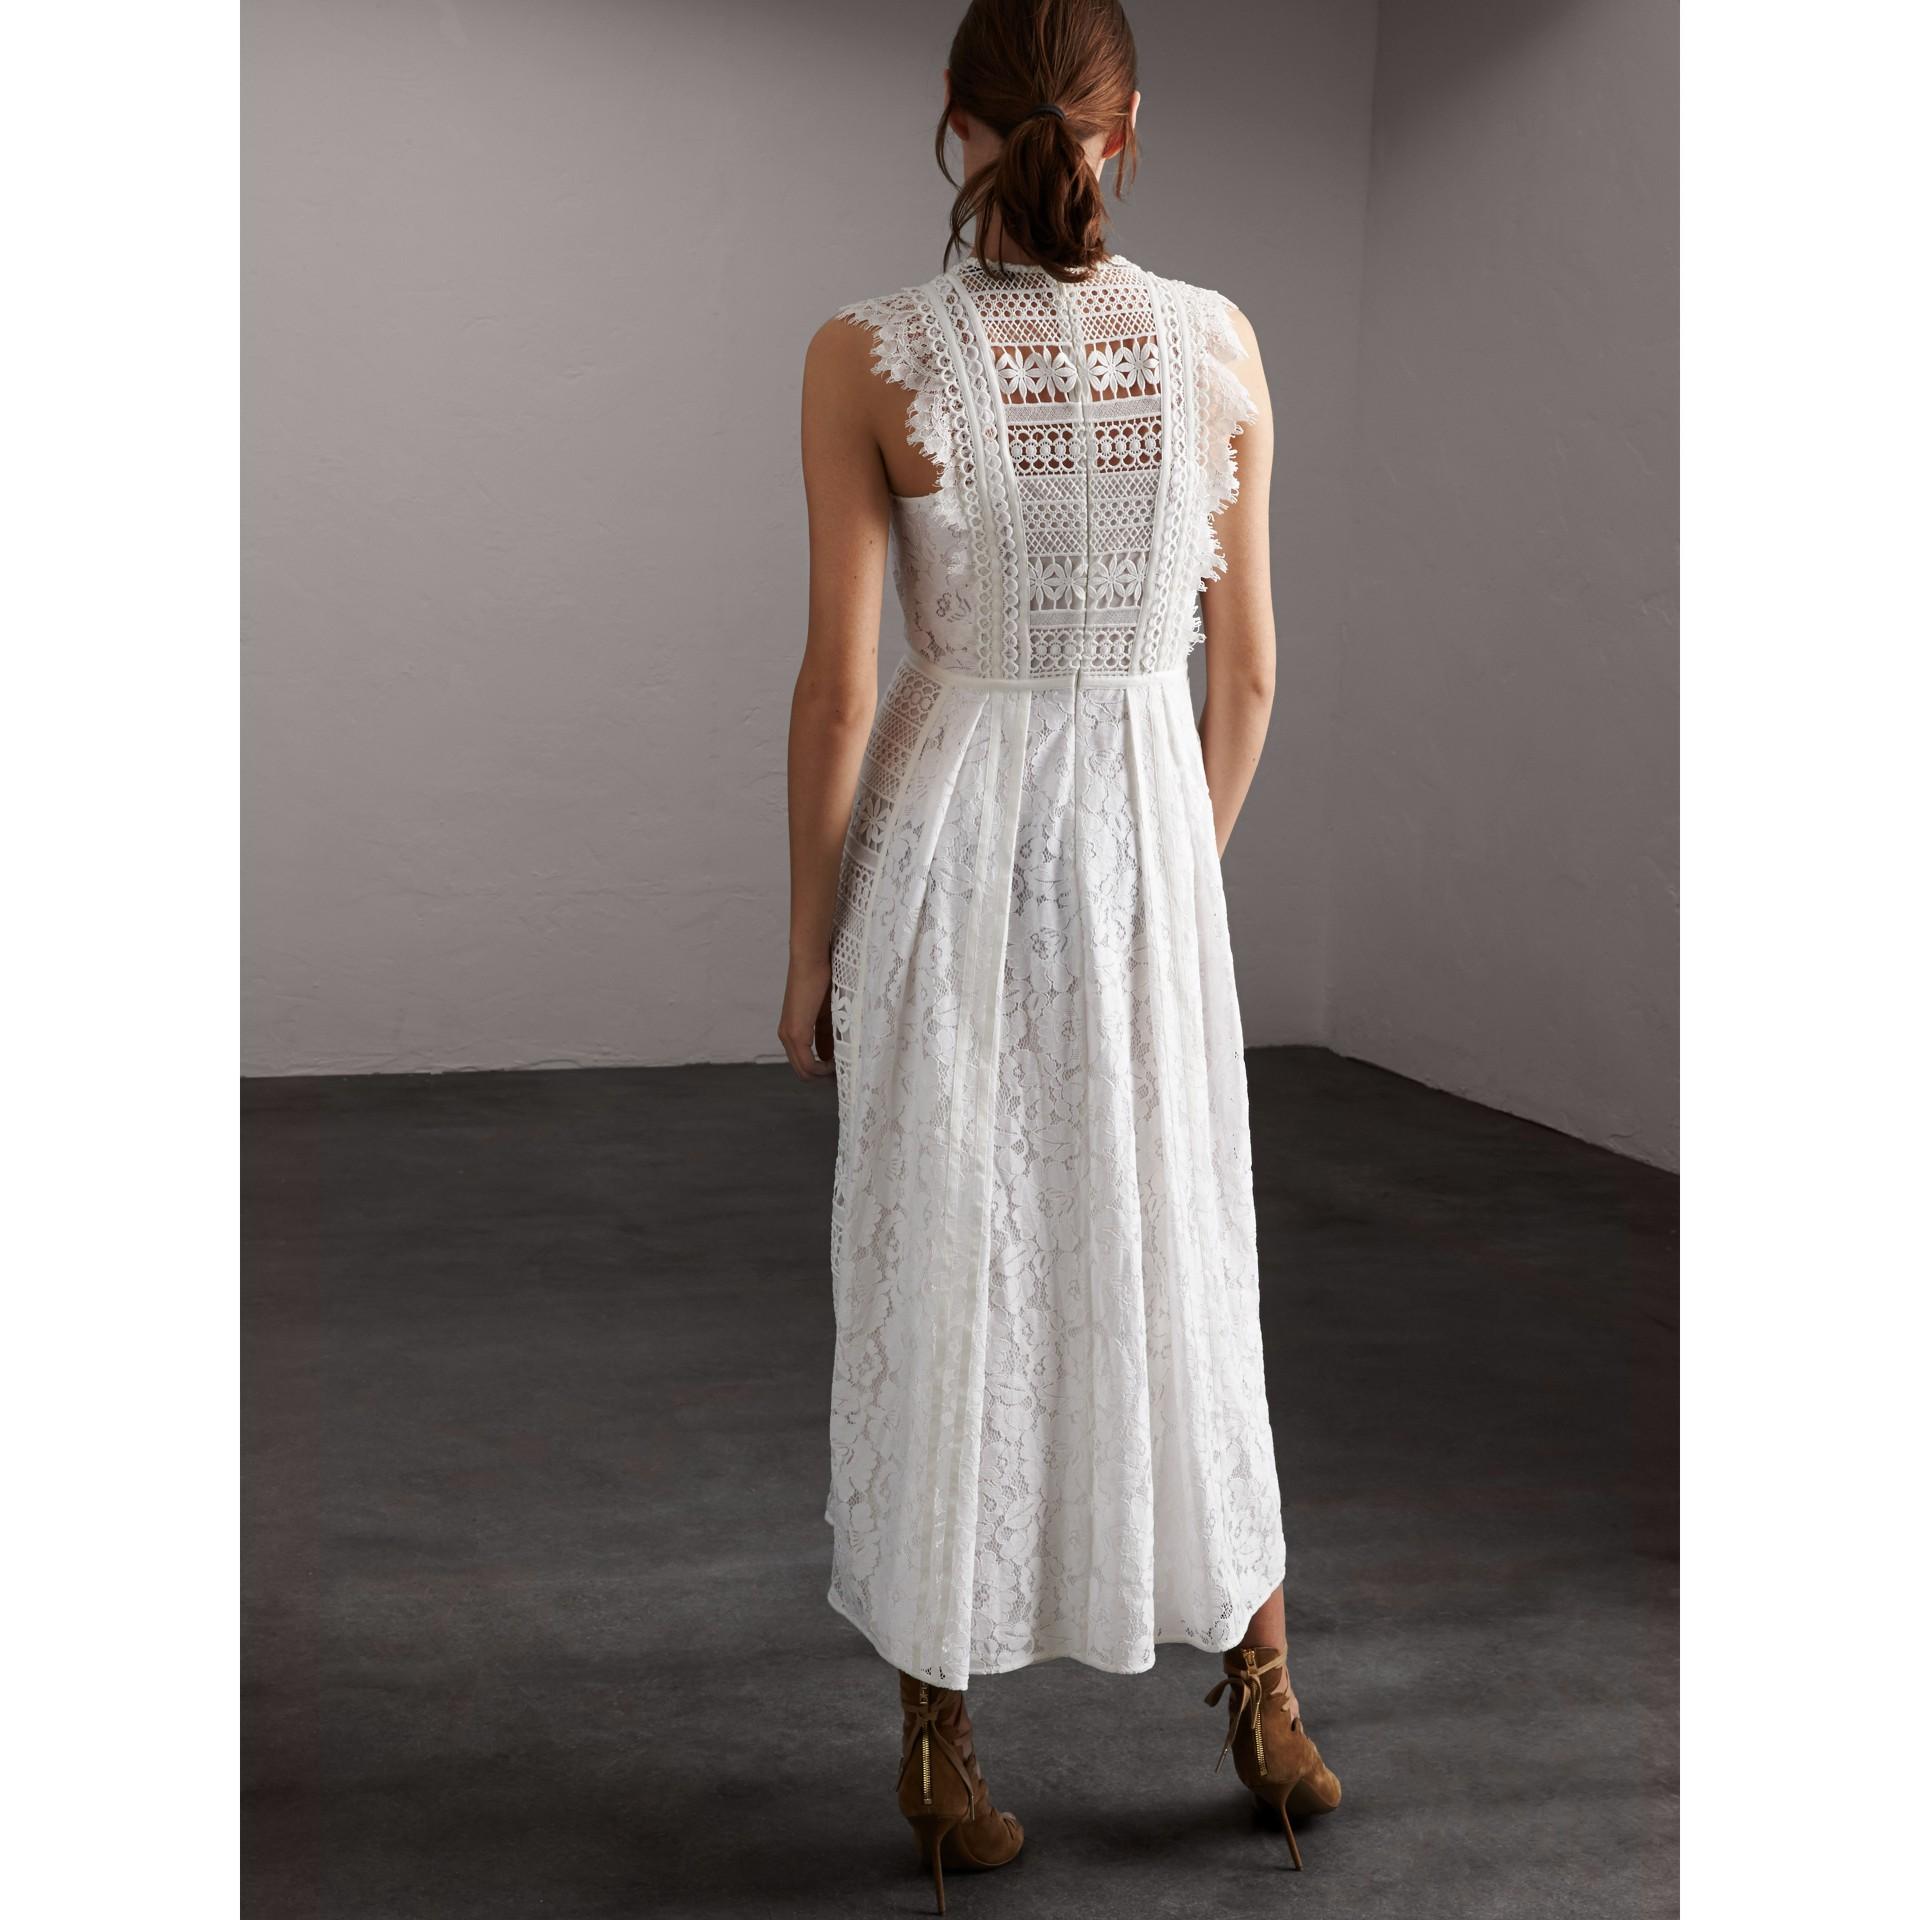 スリーブレス マクラメレース ドレス - ウィメンズ | バーバリー - ギャラリーイメージ 3